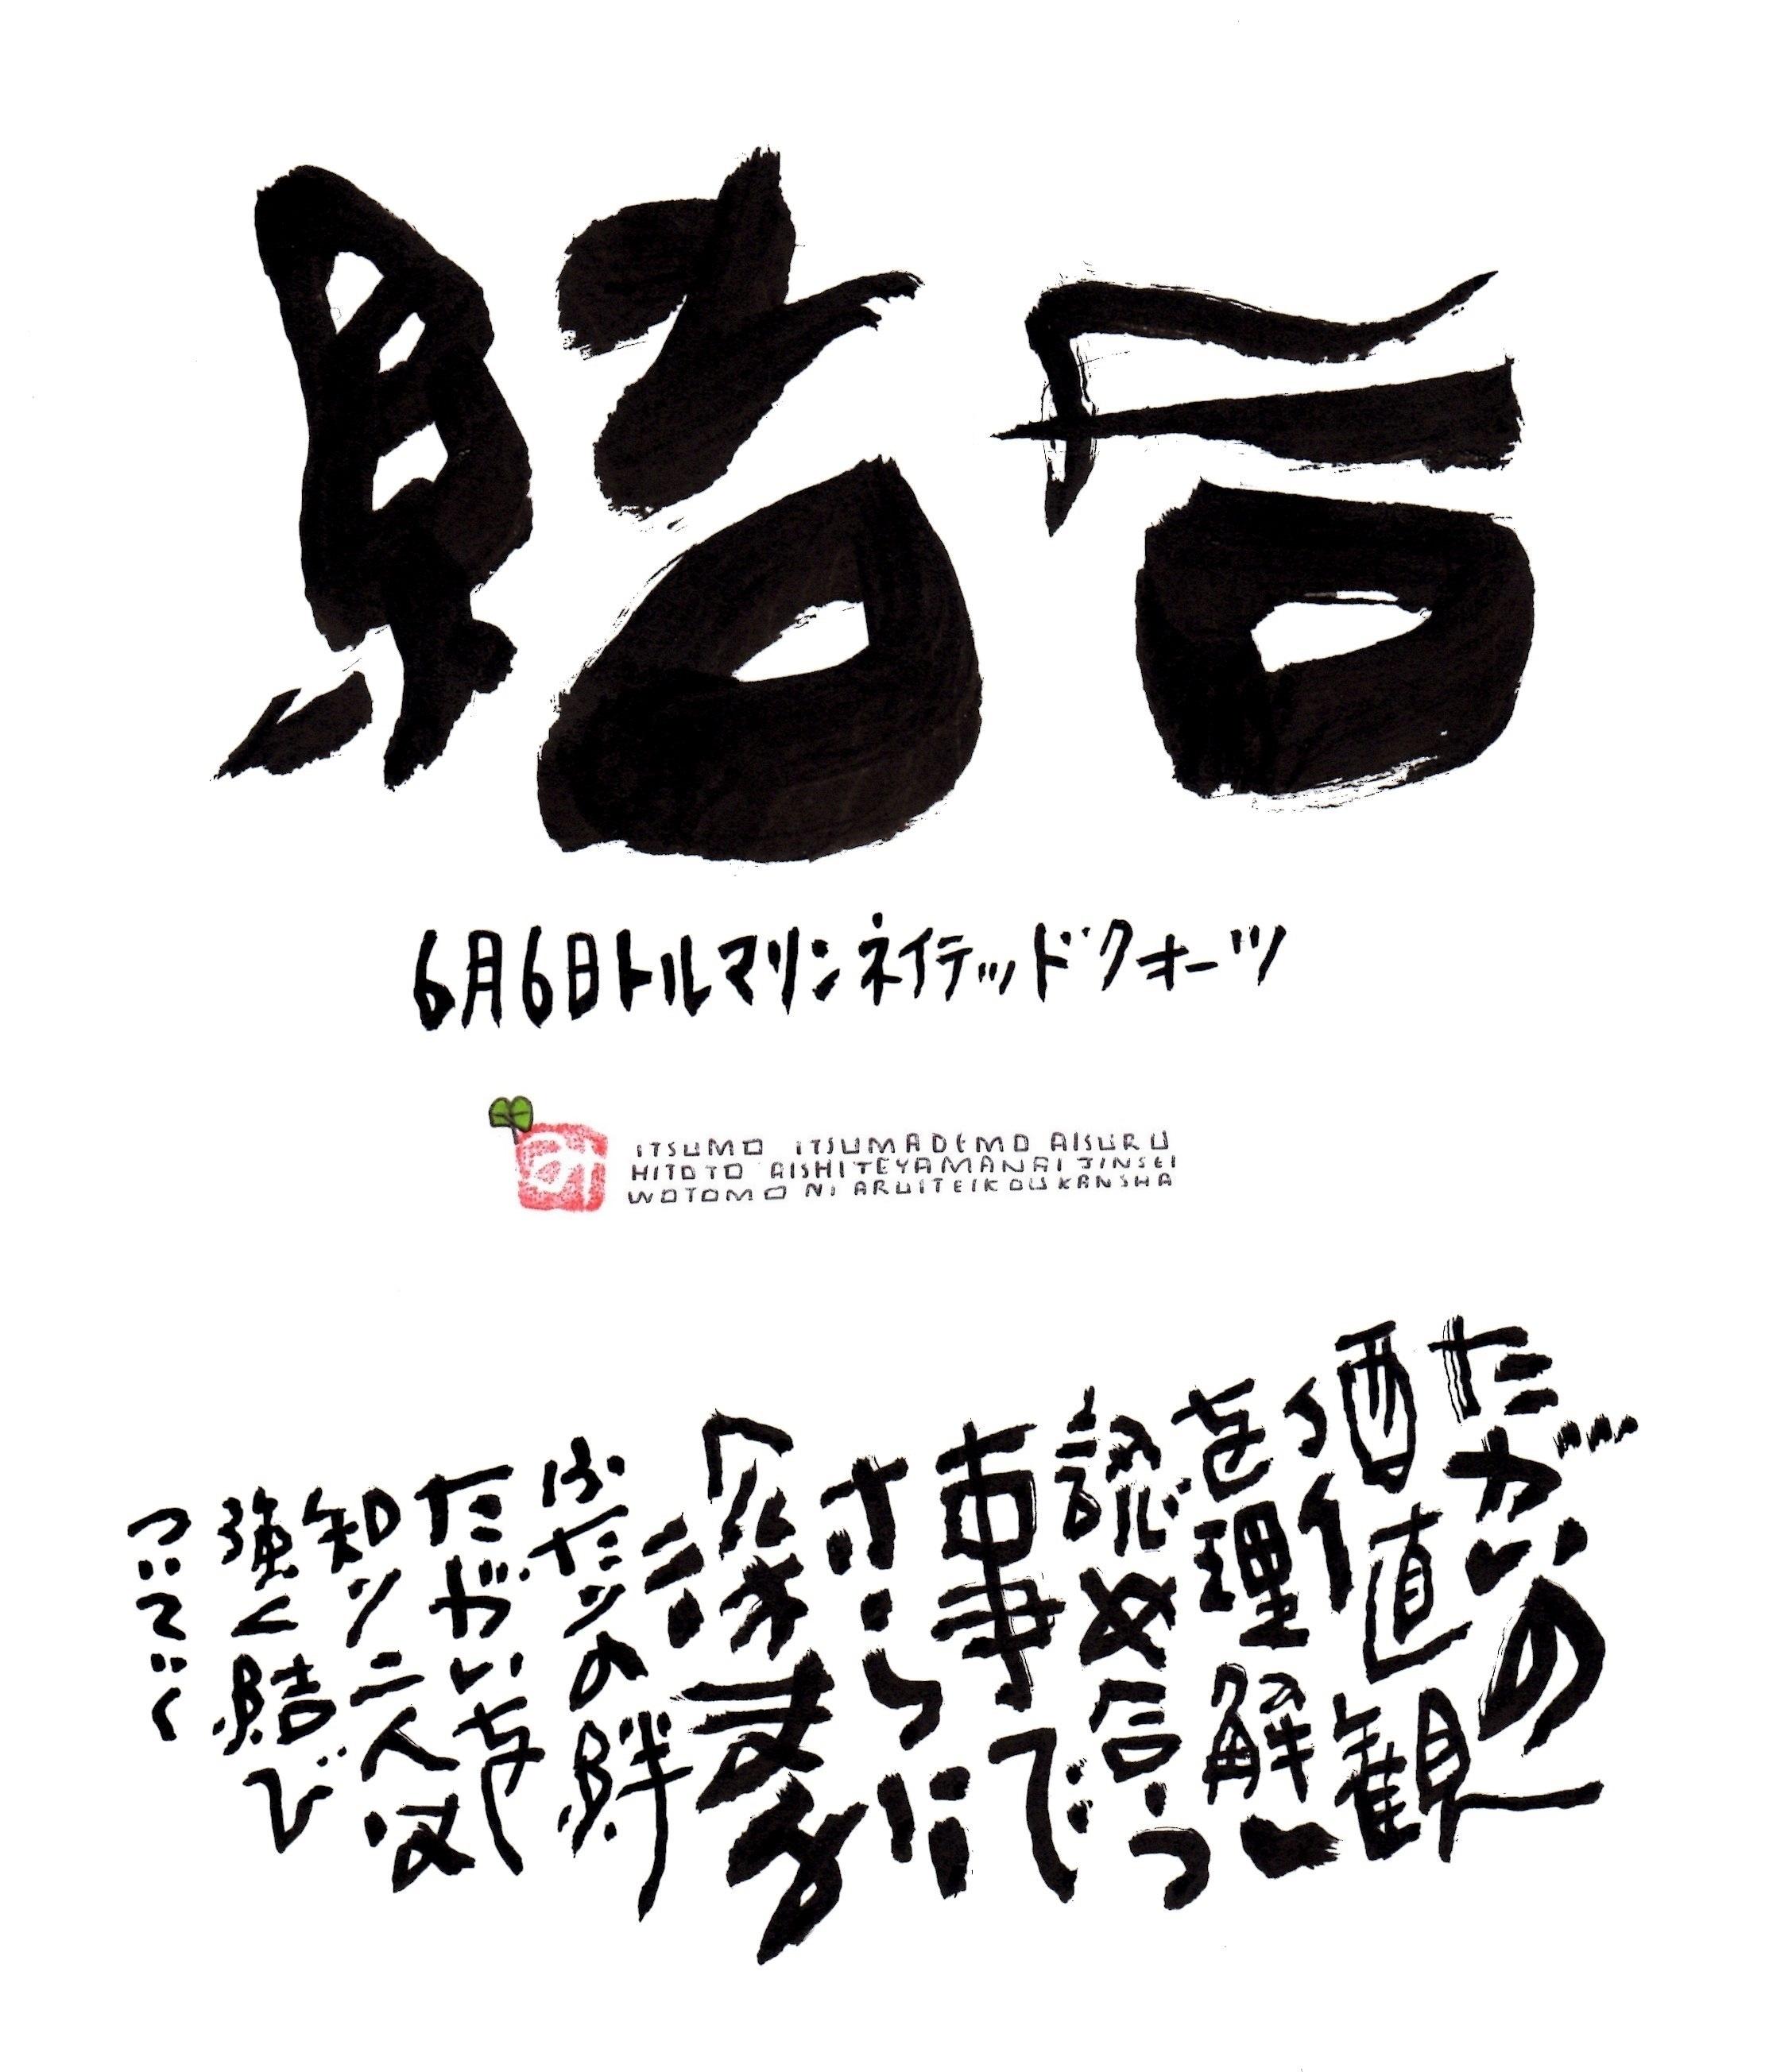 6月6日 結婚記念日ポストカード【結合】